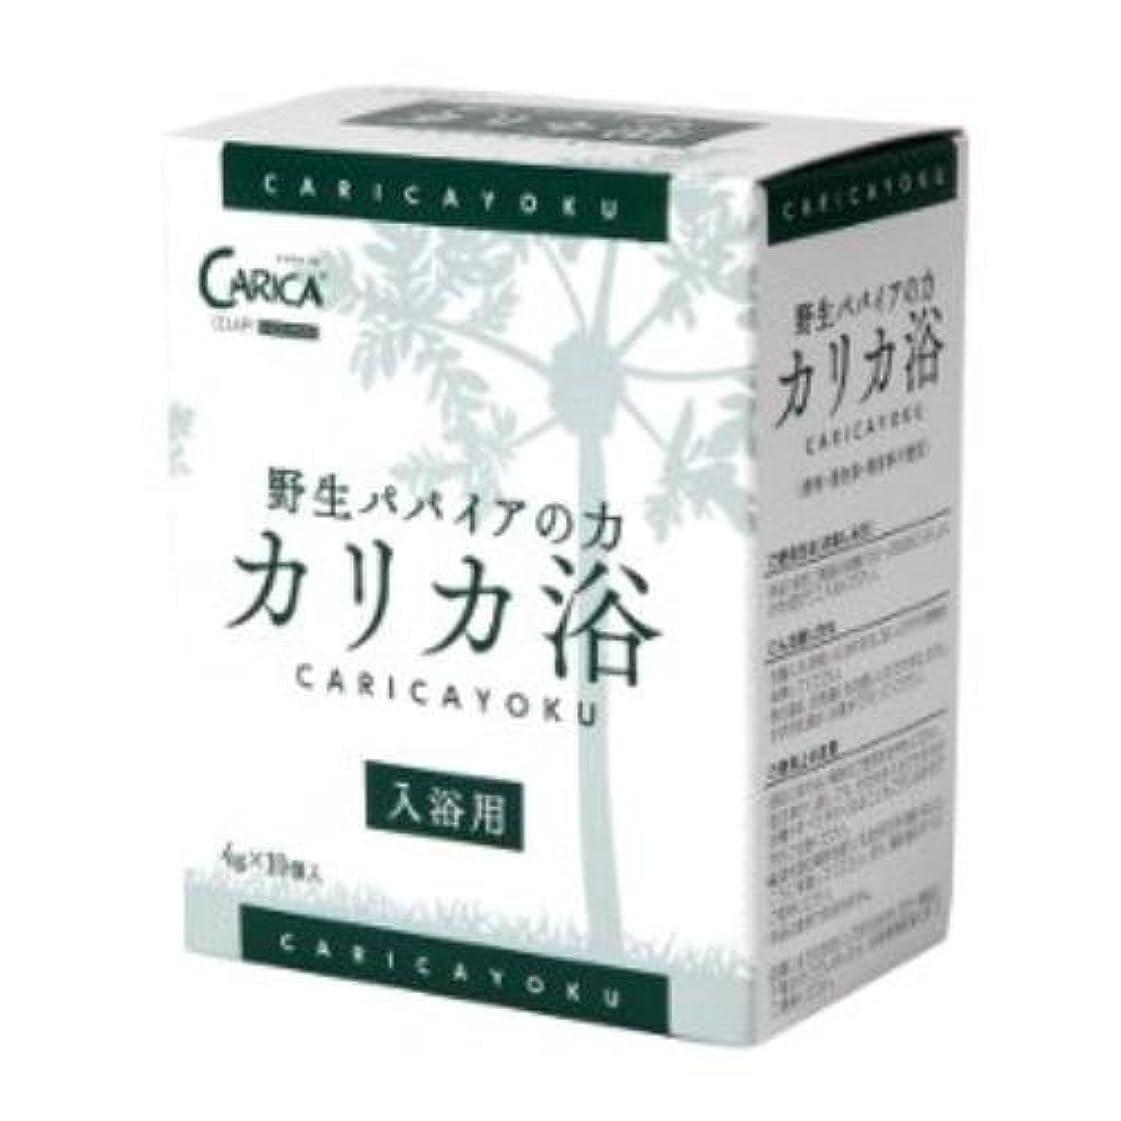 歯メンテナンス基礎カリカ浴 4g×10包